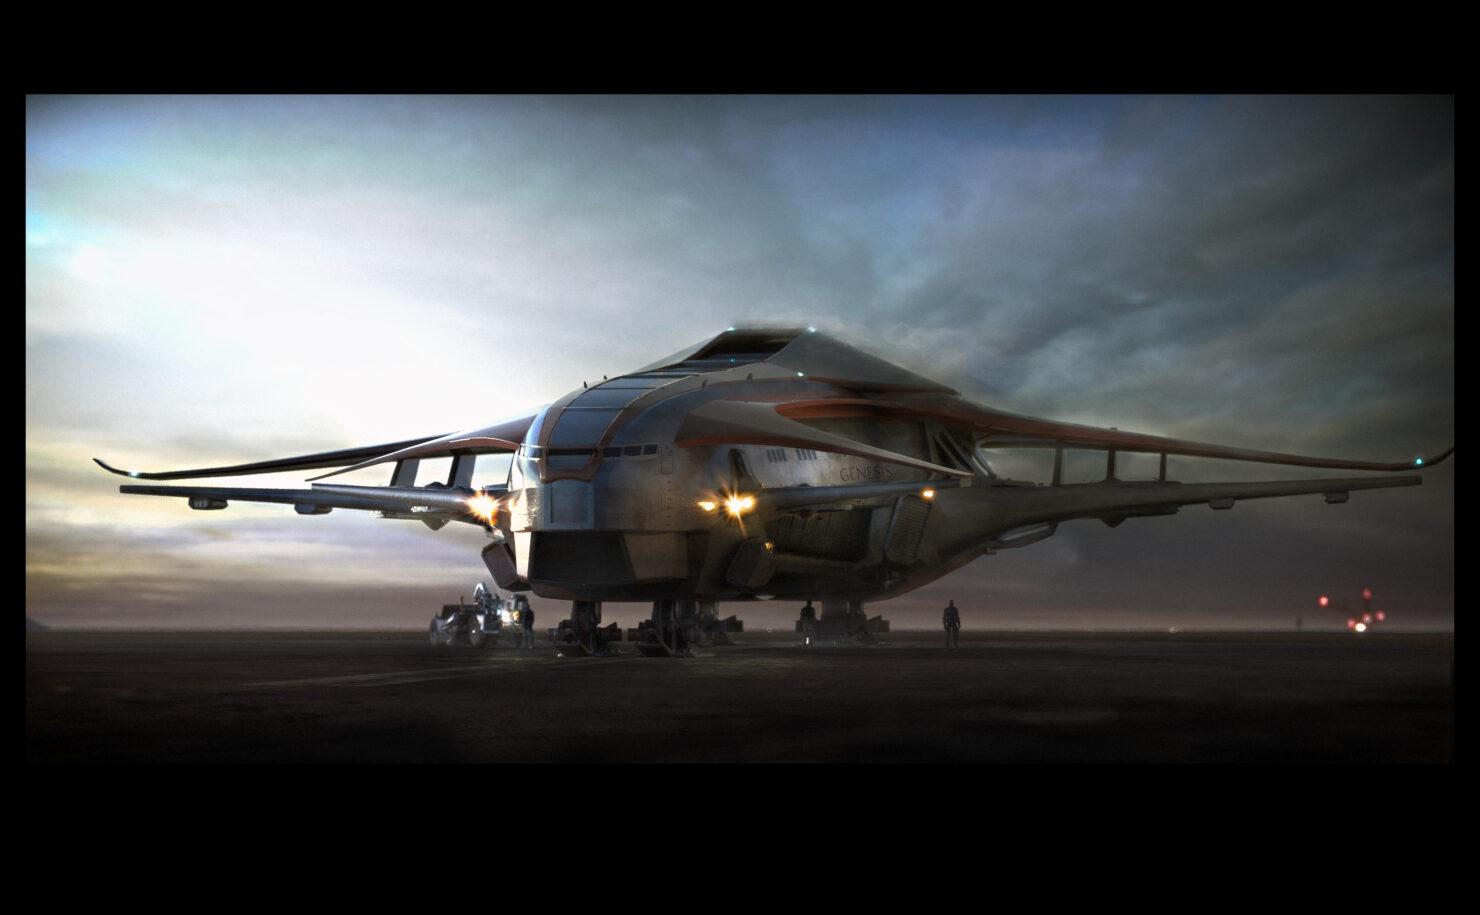 starliner_action1_runwaycompflat